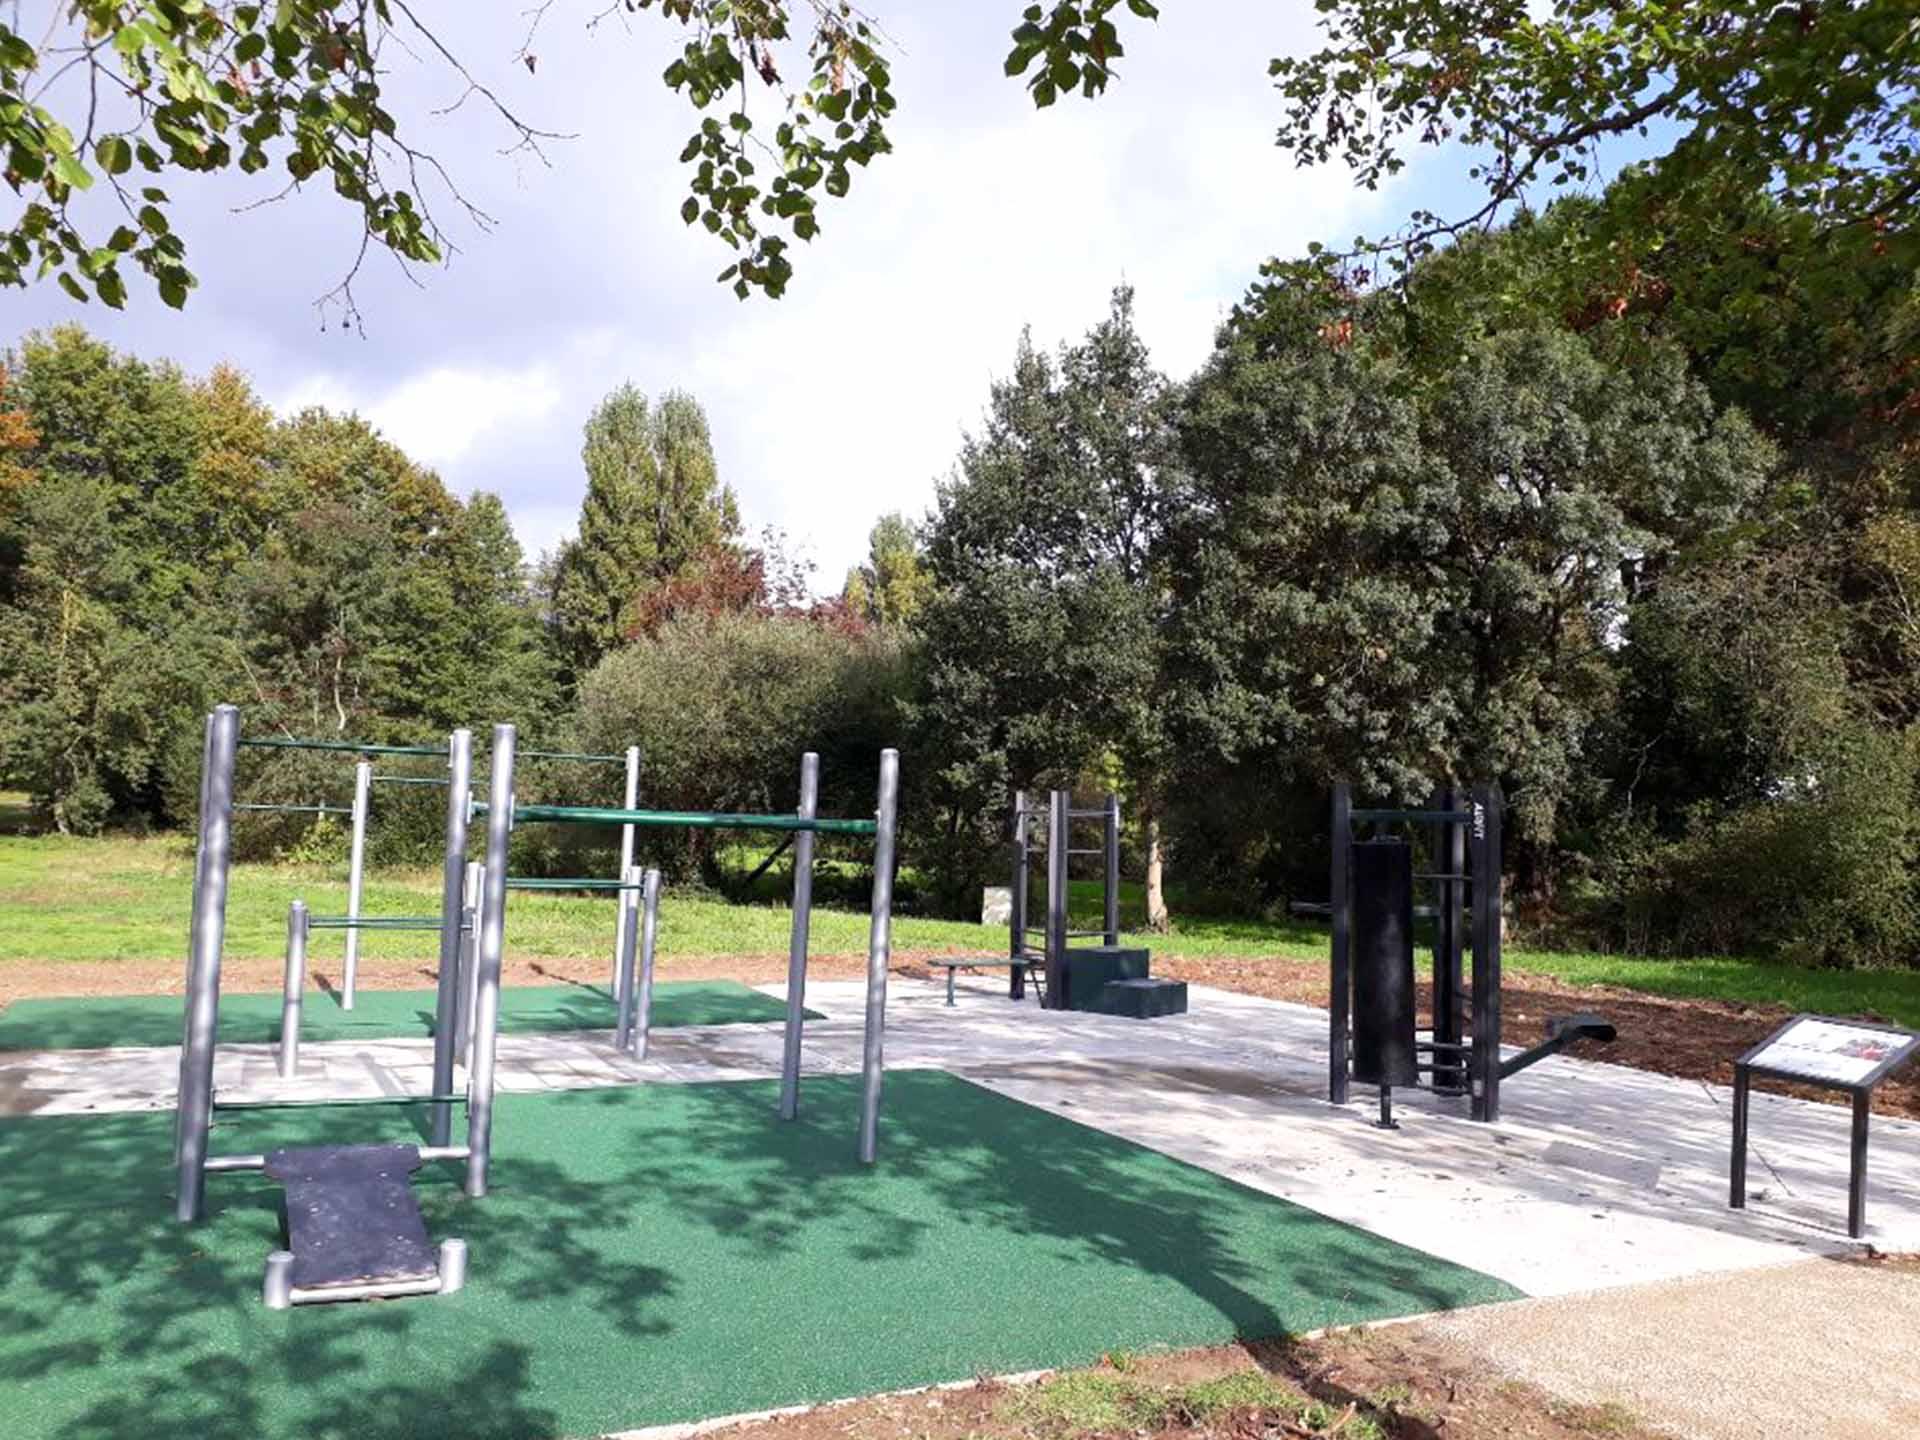 Photo des équipements sportifs extérieurs du Parc le Charbonneau à Carquefou